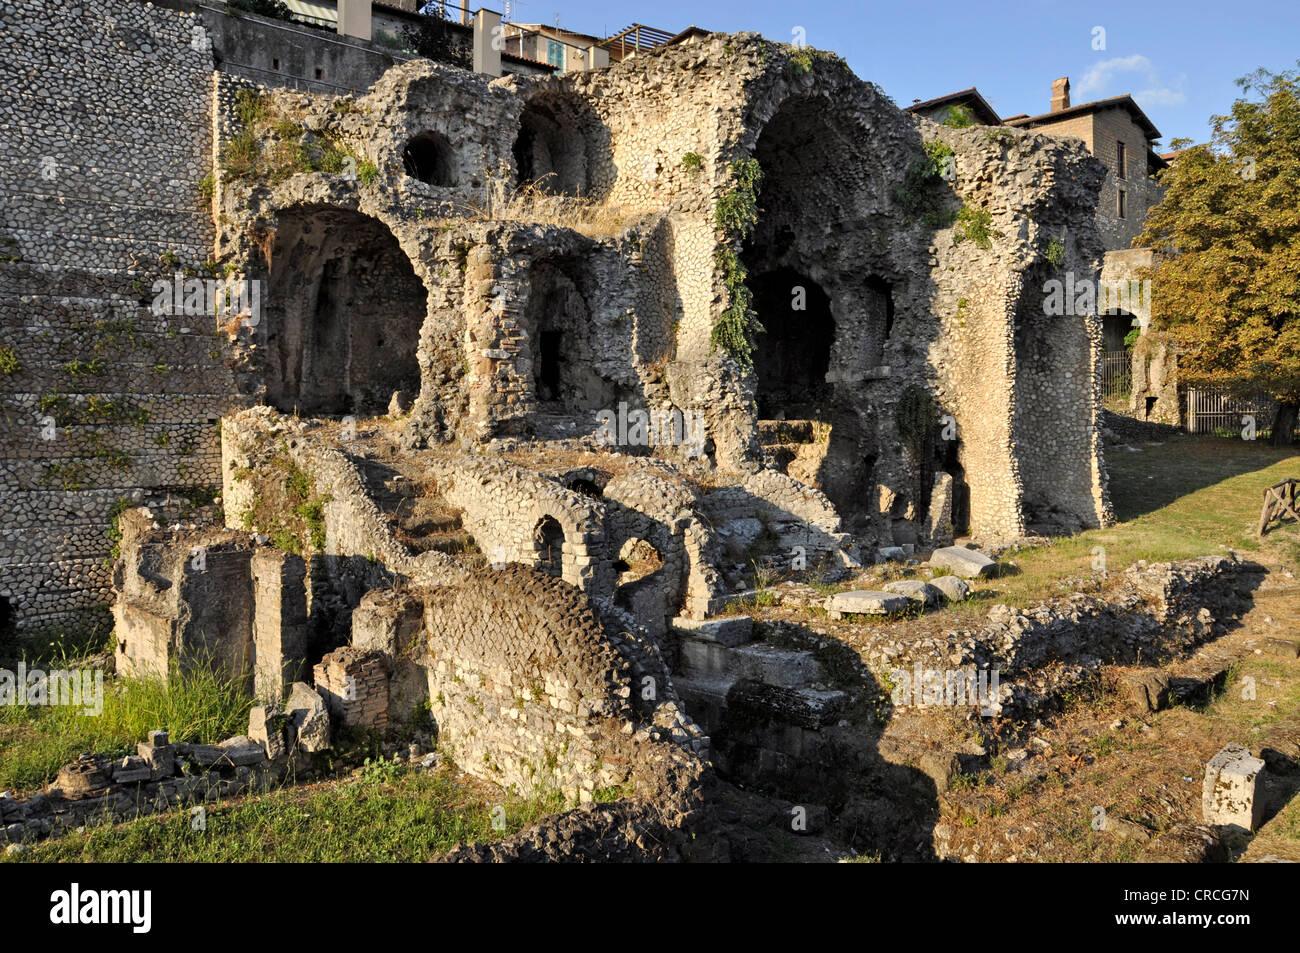 Remains of the ancient temple-shrine of the goddess Fortuna, Tempio della Fortuna Primigenia, Area Sacra, Palestrina, - Stock Image